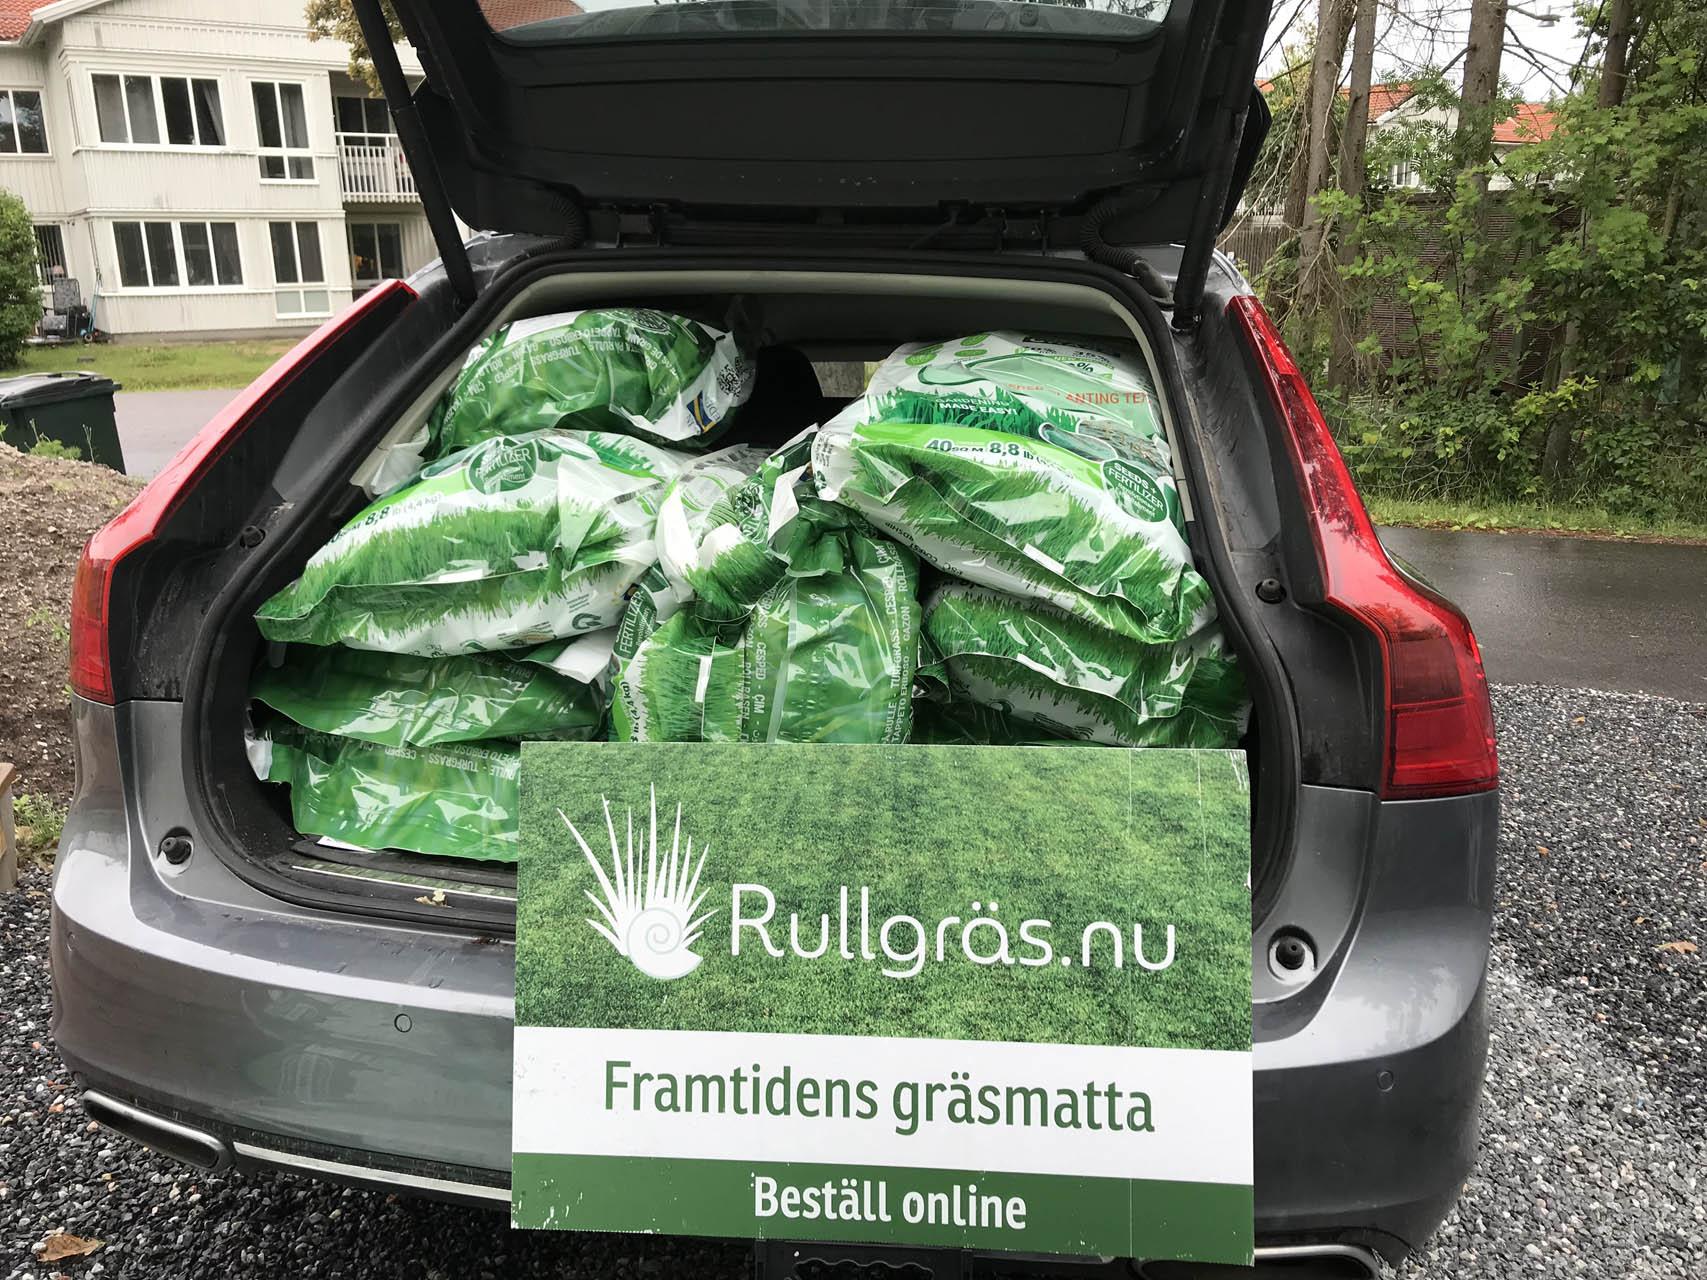 600 m2 smart rullgräs i bakluckan